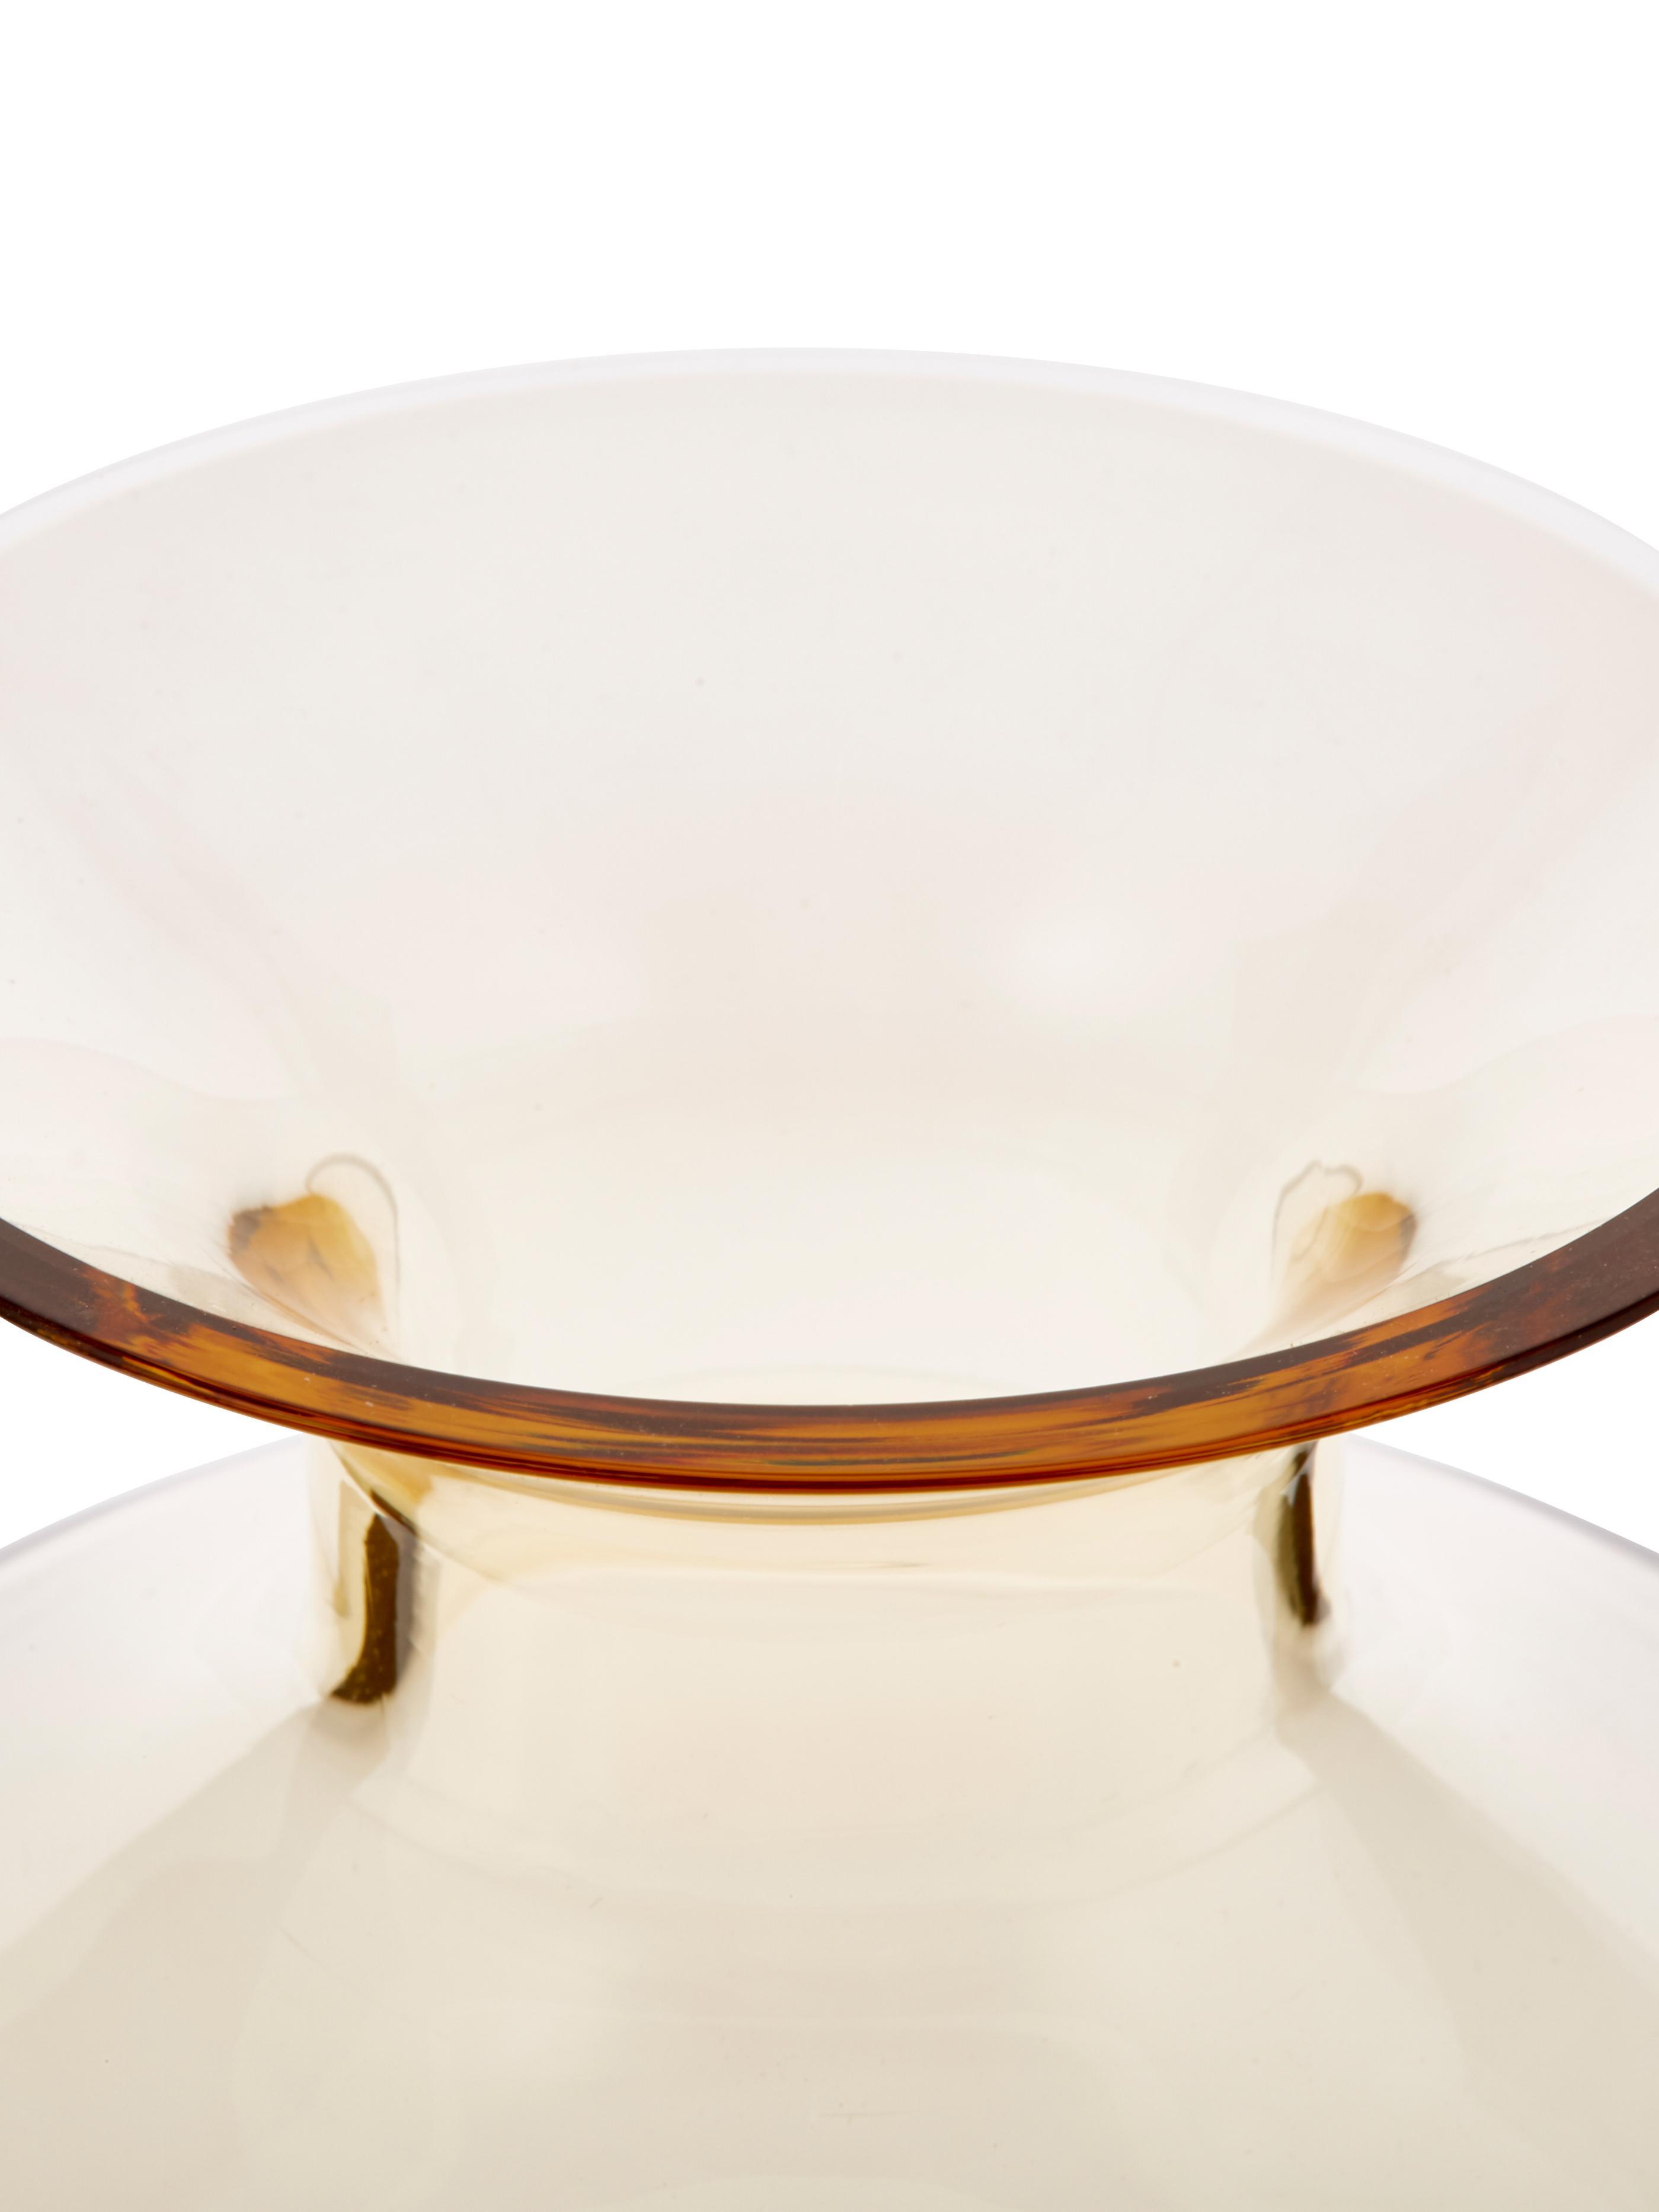 Carafe couleur ambre/transparent faite main Colored, Ambré, transparent